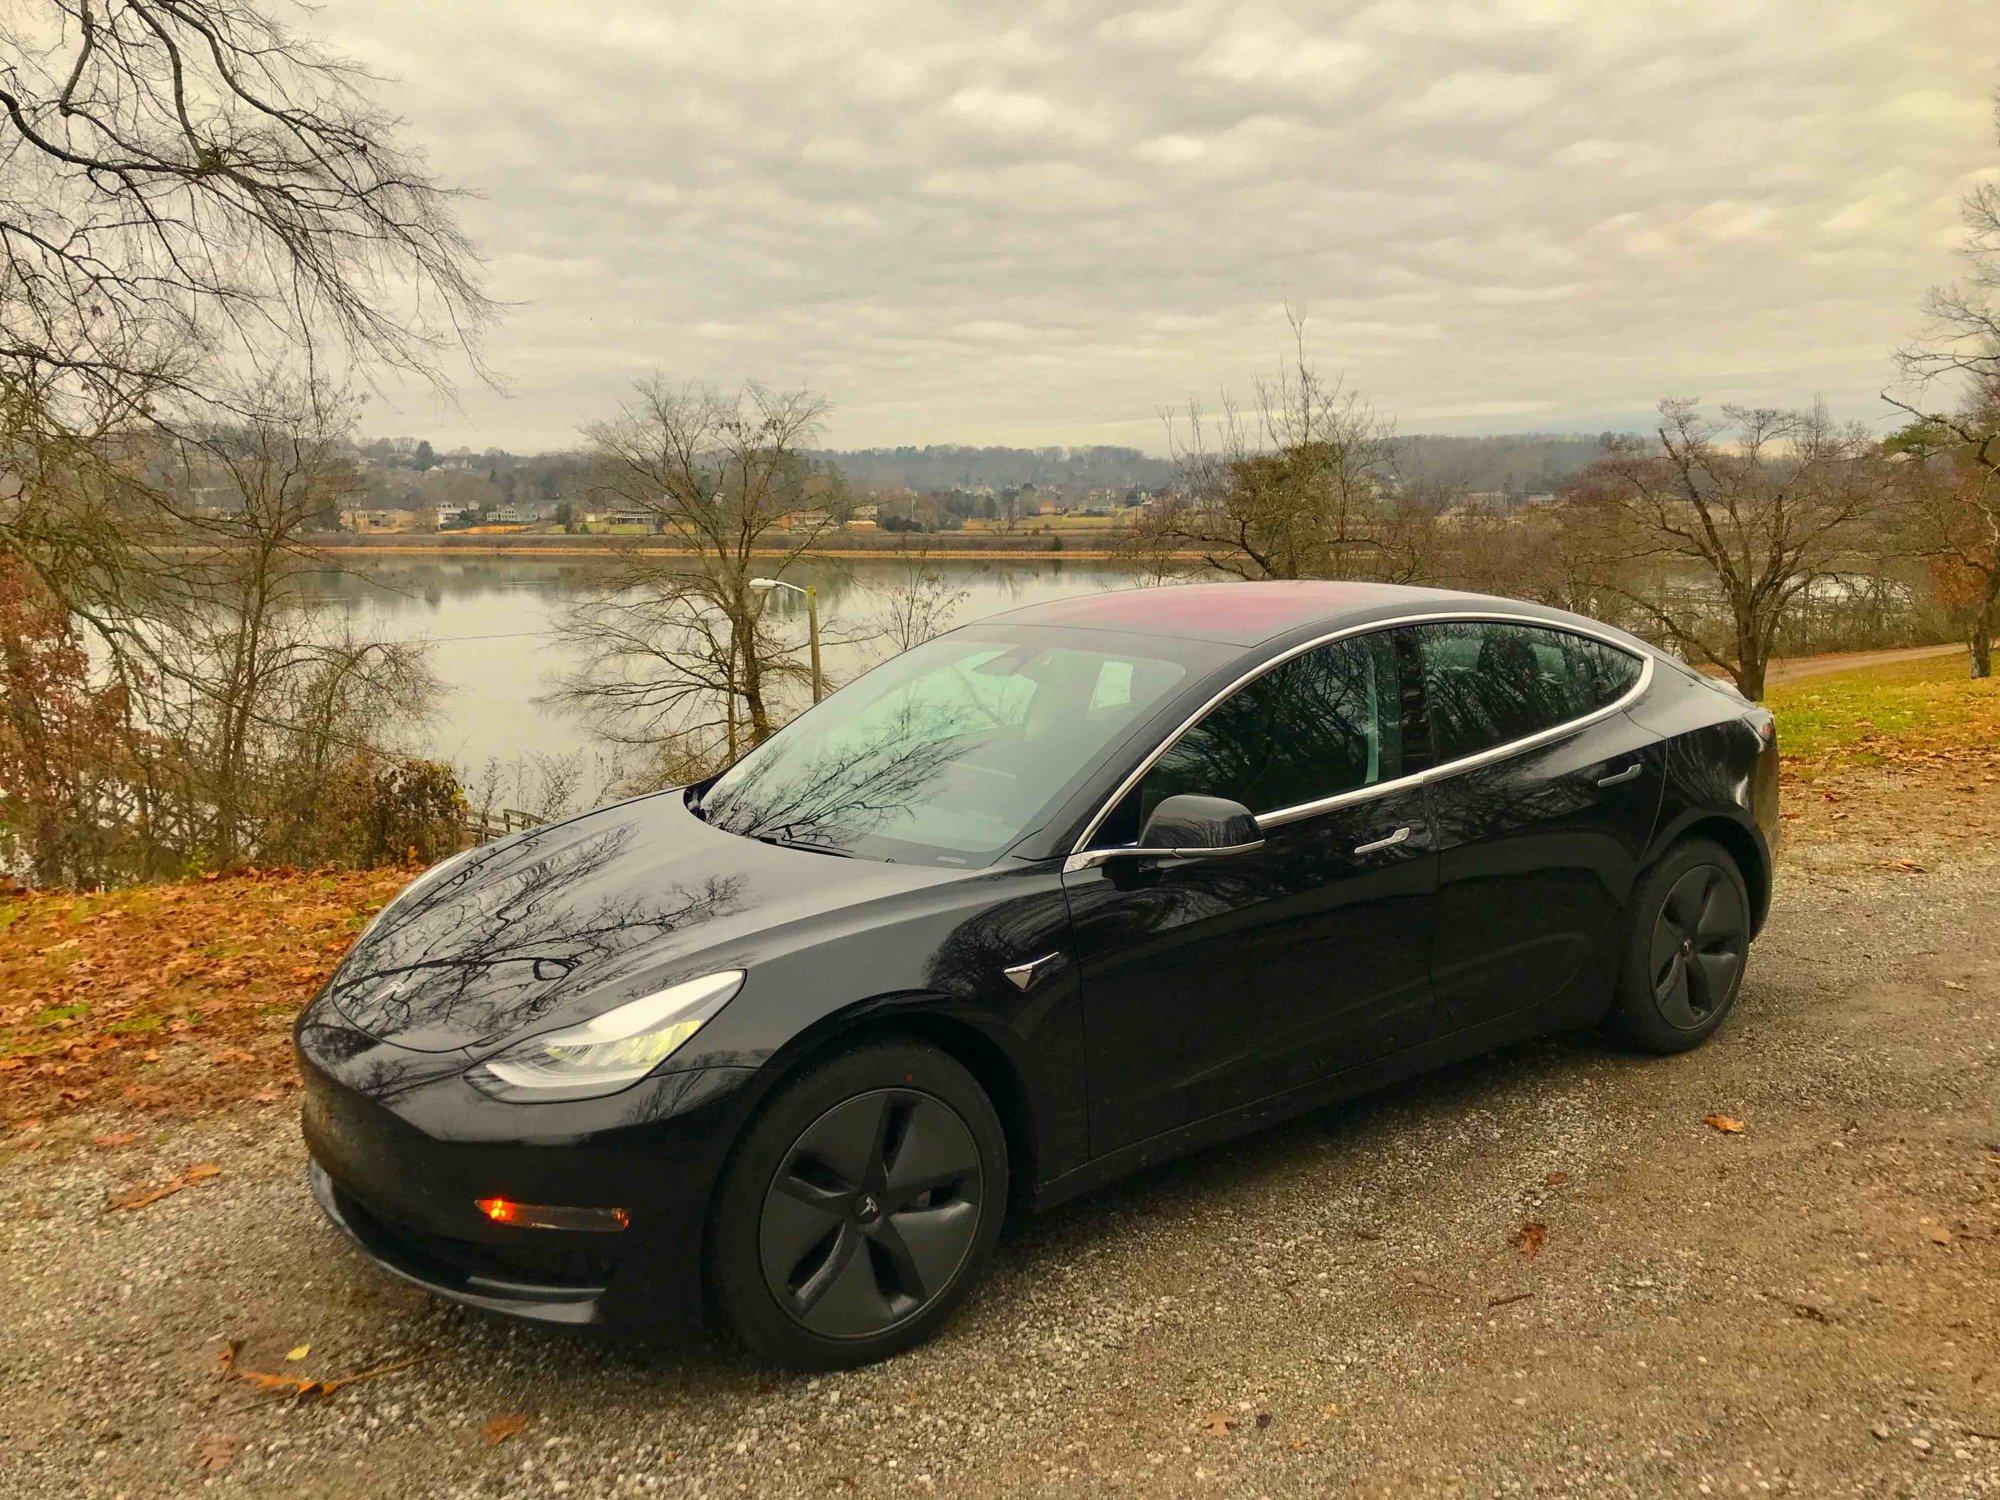 Tesla Model 3 lakeside1 color adjusted copy.jpg